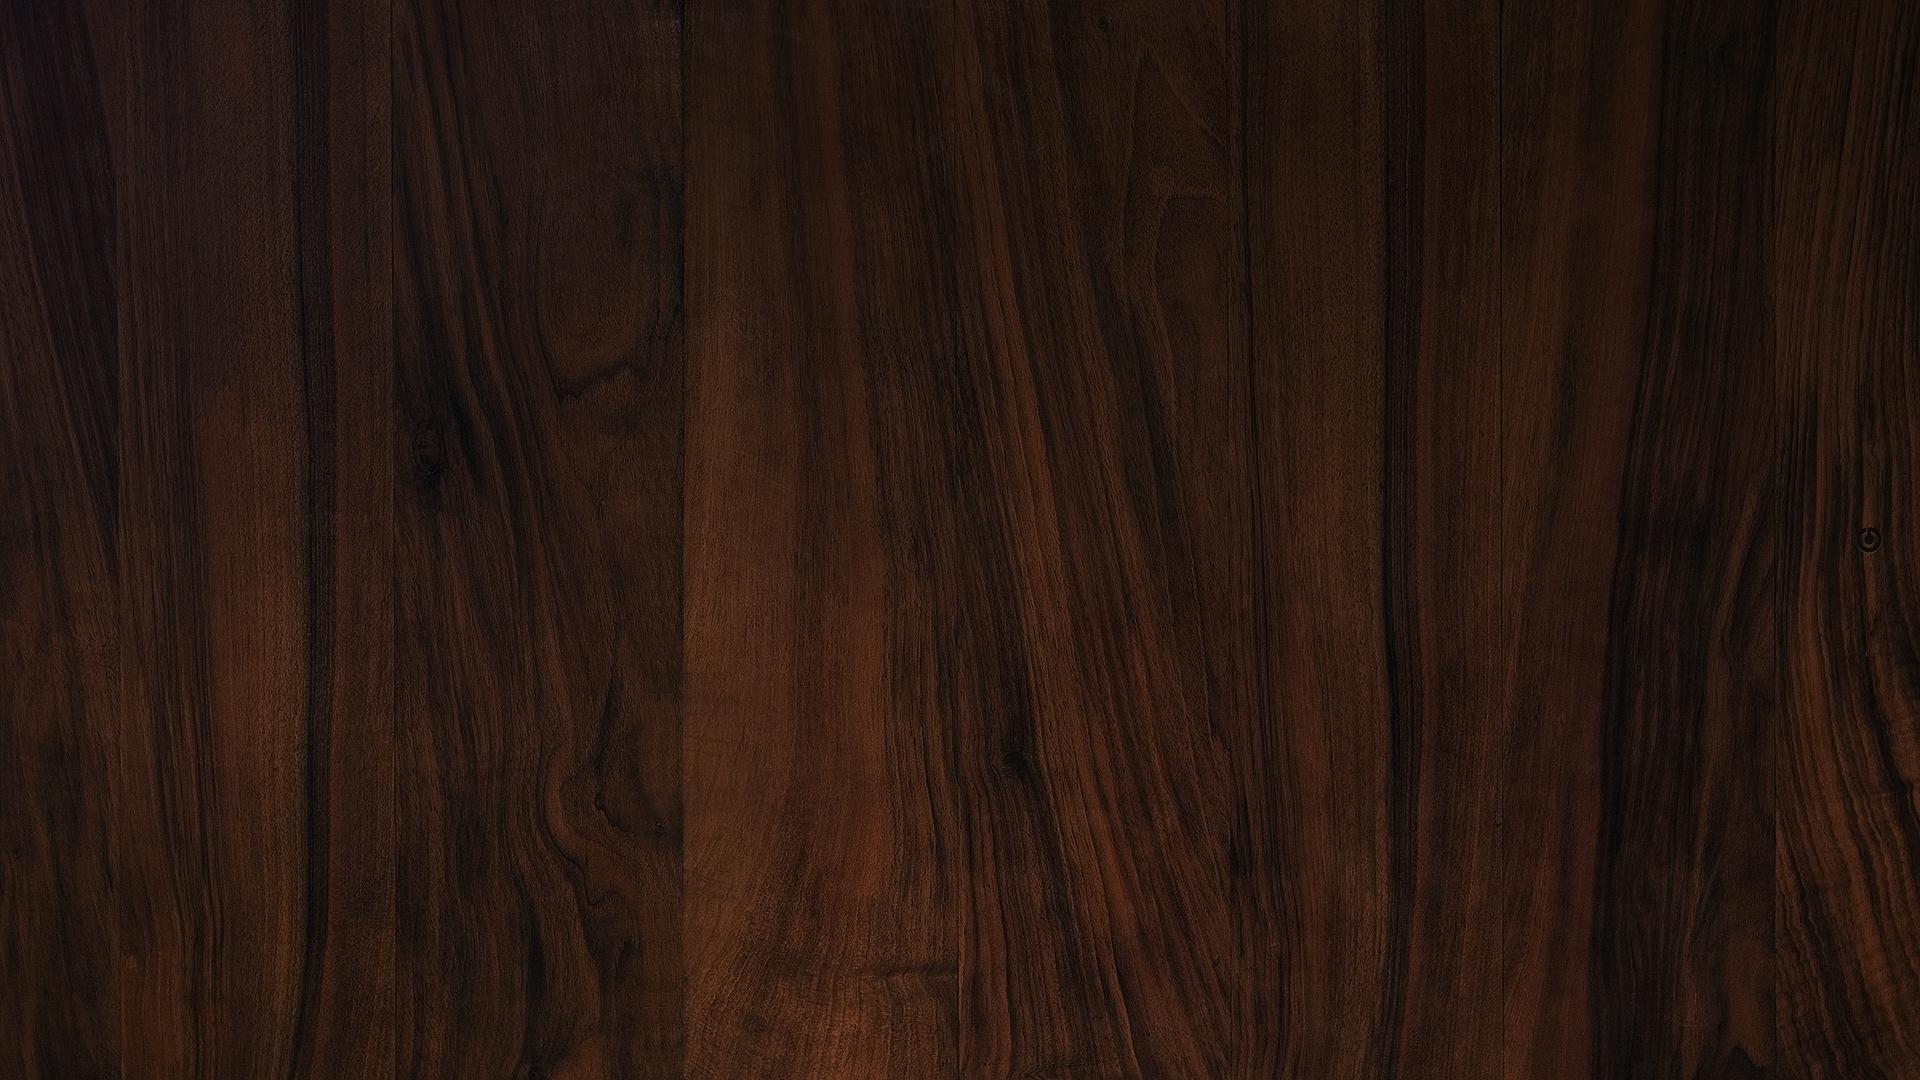 hd wood wallpapers   wallpapersafari